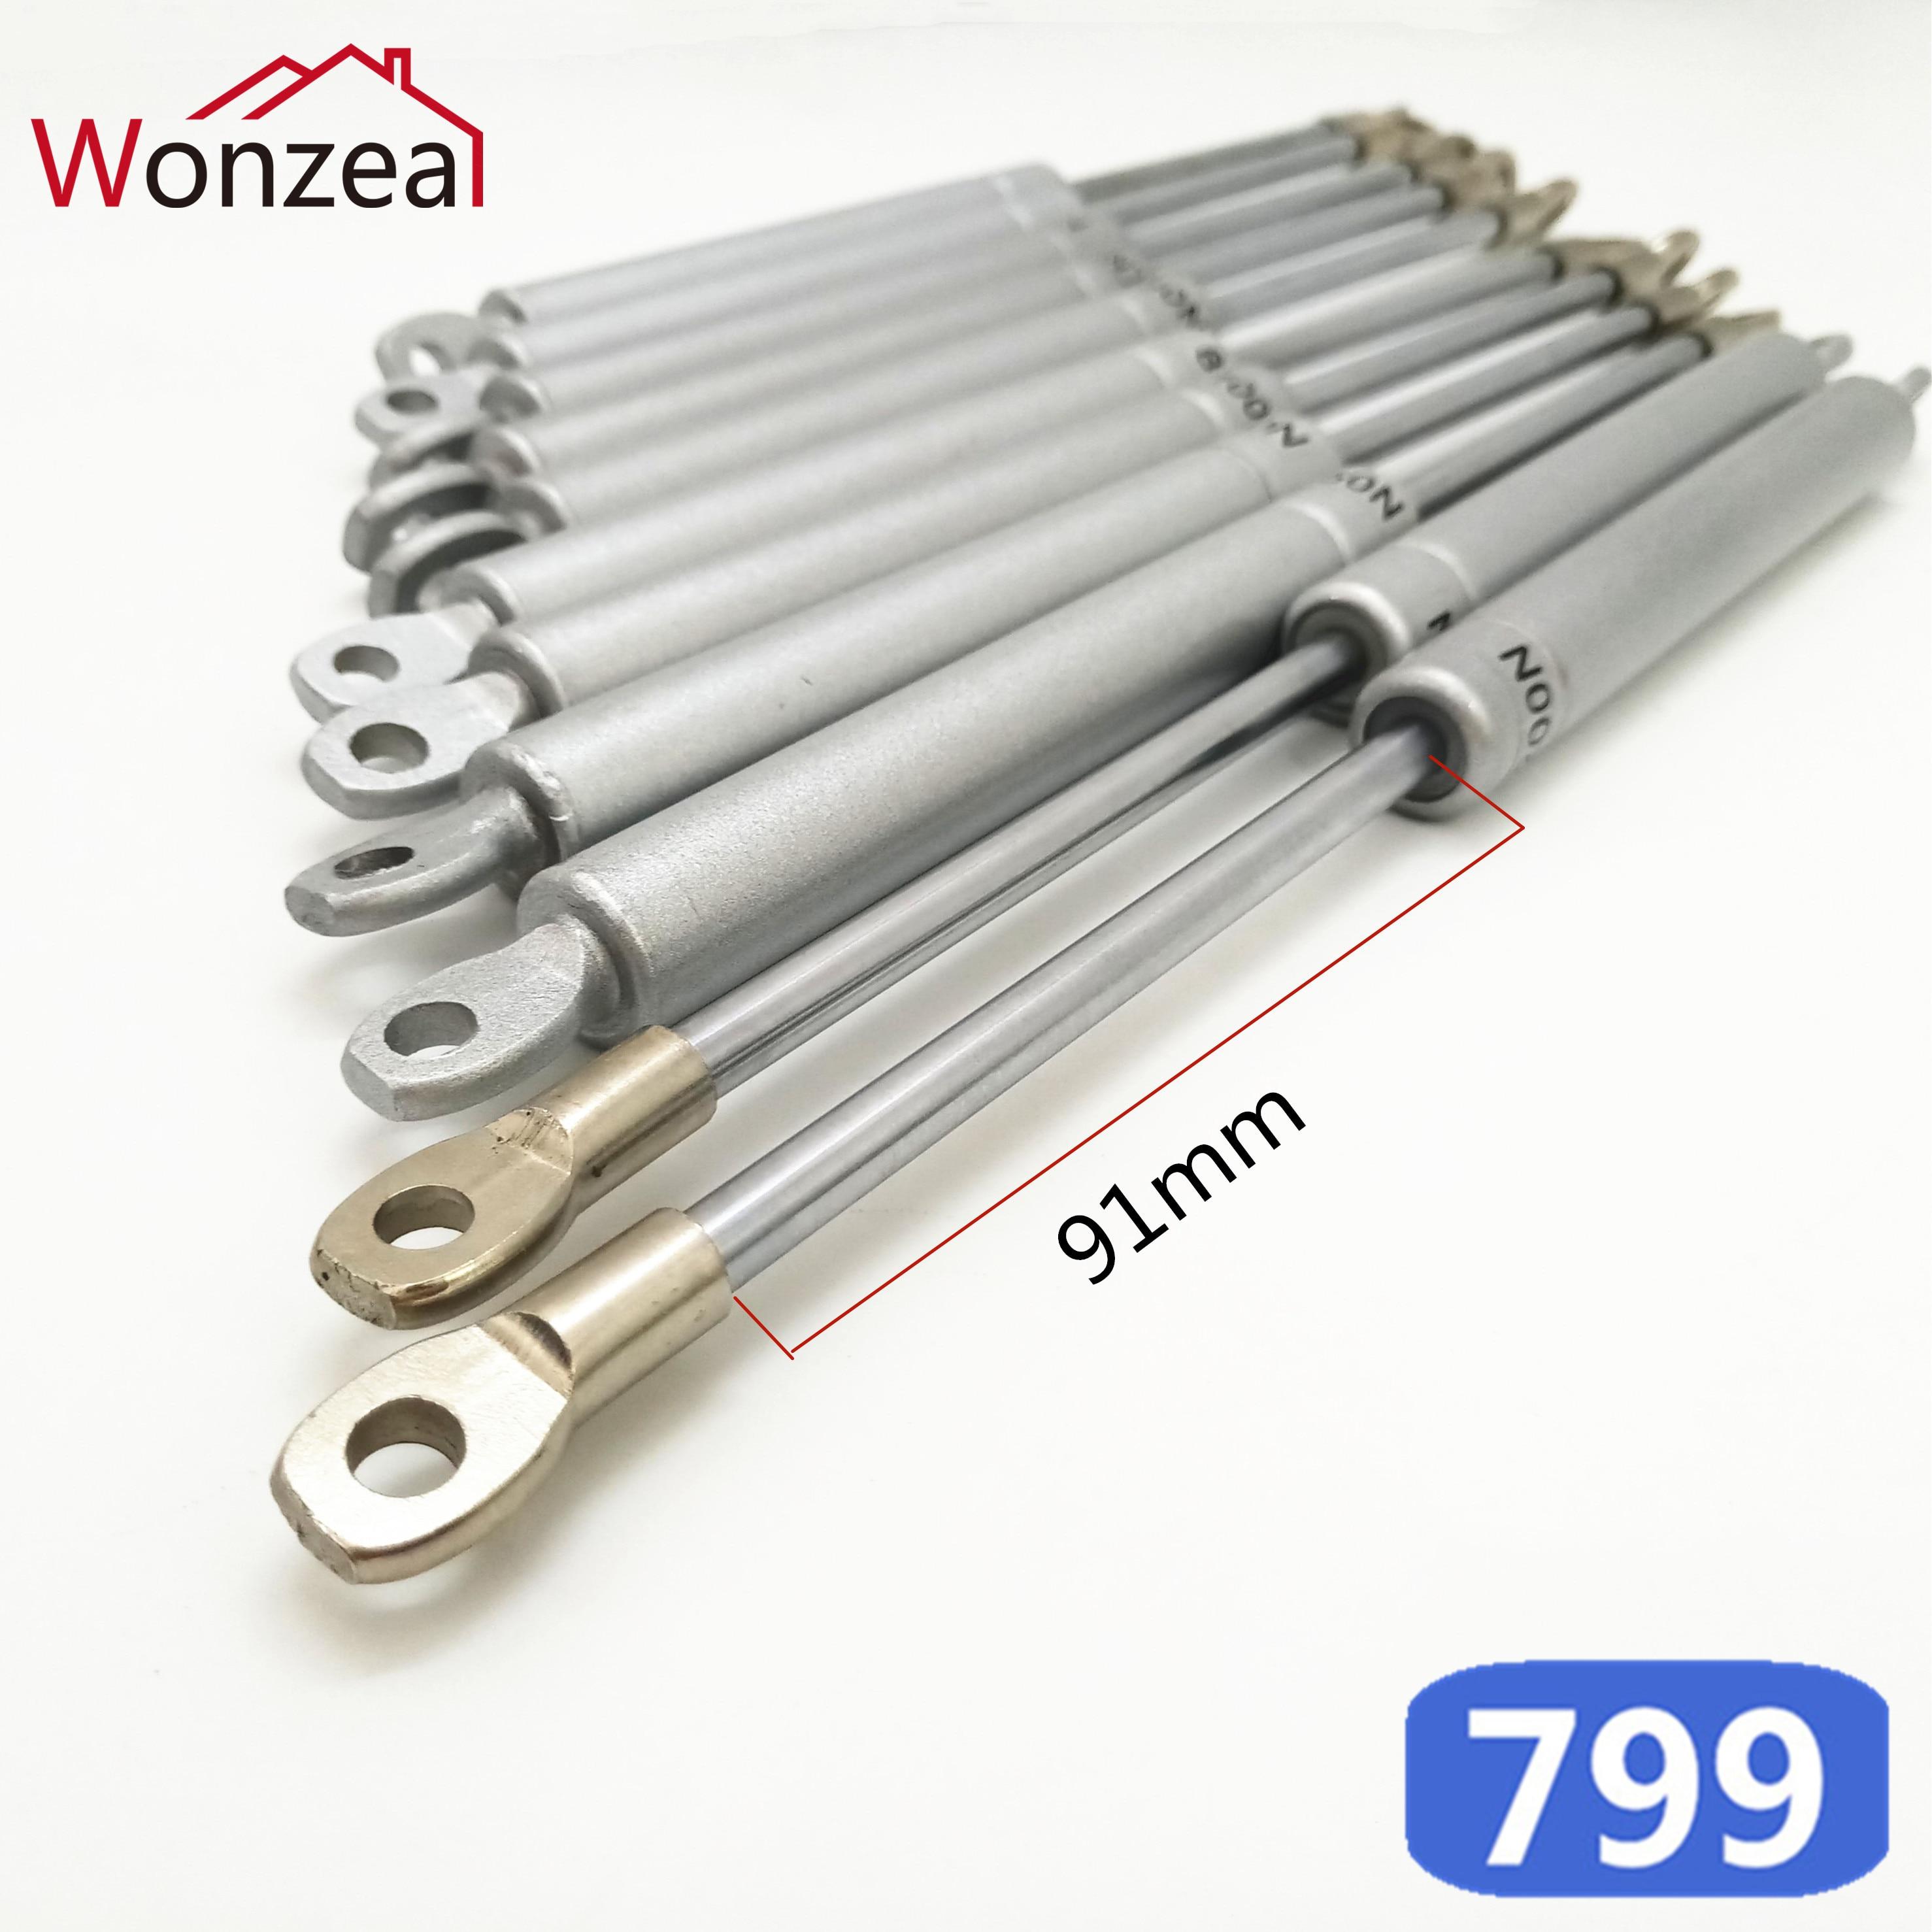 260mm hydrauliczne podnoszenie pneumatyczne drzwi wsparcie meble sprężyna gazowa sprzęt do szafek kuchennych zawias